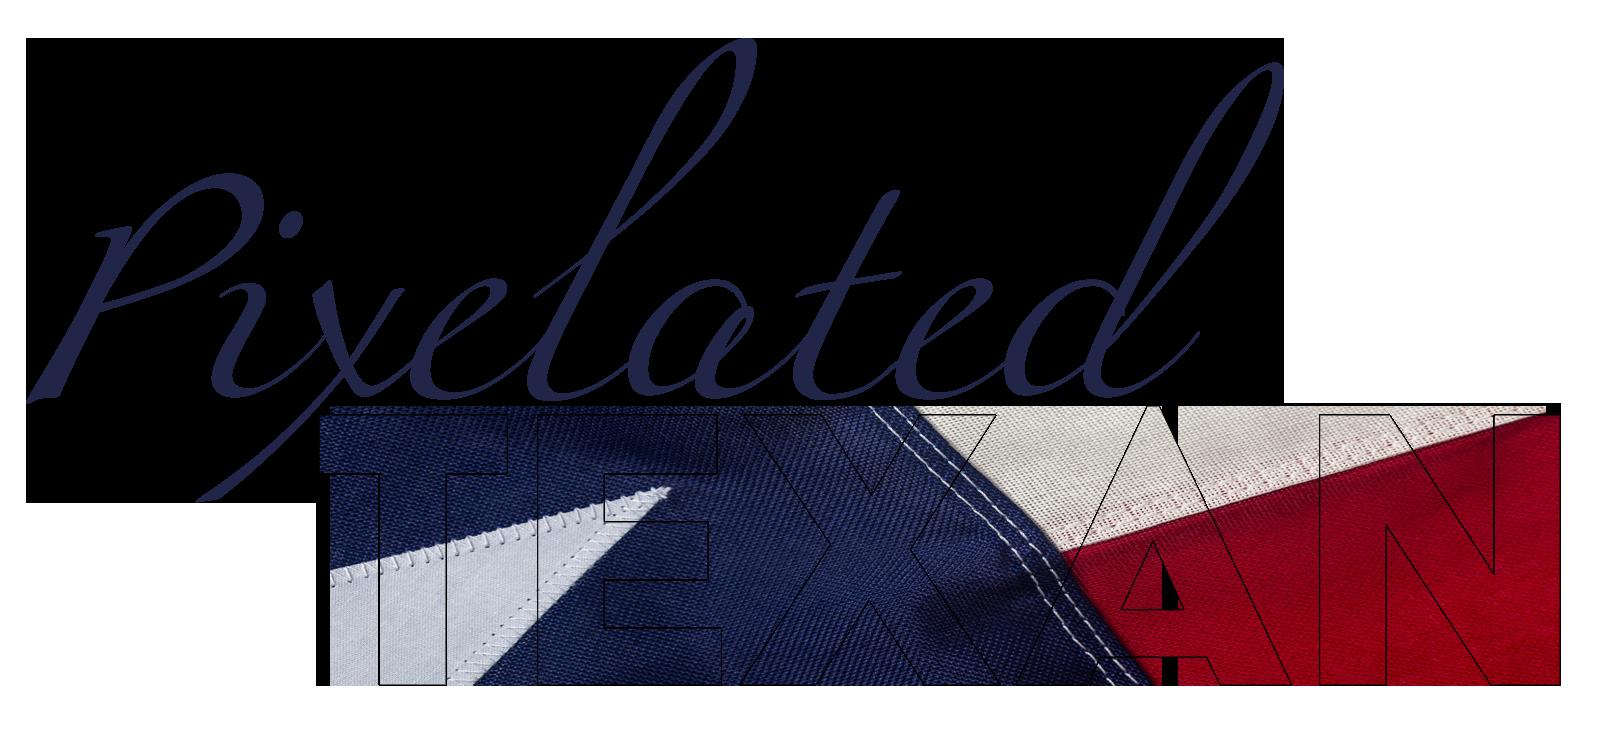 Pixelated Texan